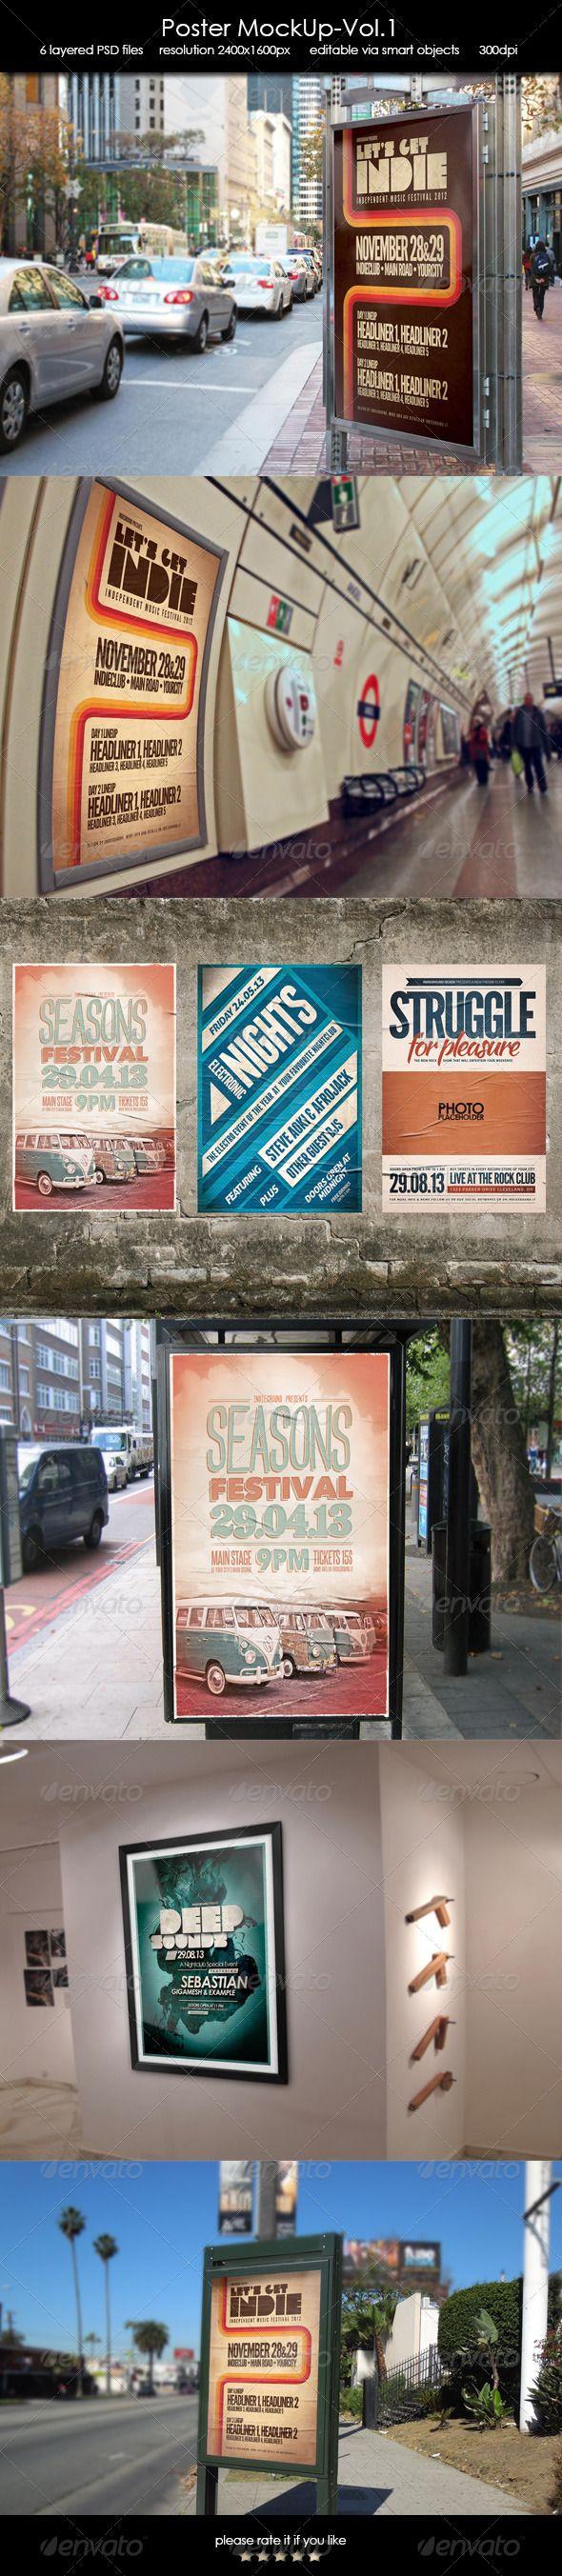 6 poster design photo mockups - Poster Mockup Vol 1